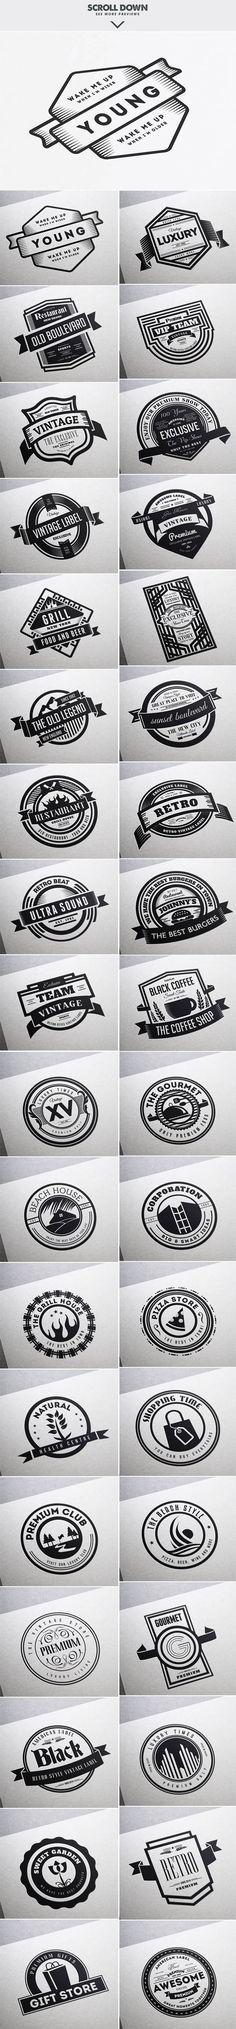 MEGA BUNDLE 1100 Logos & Badges - 19